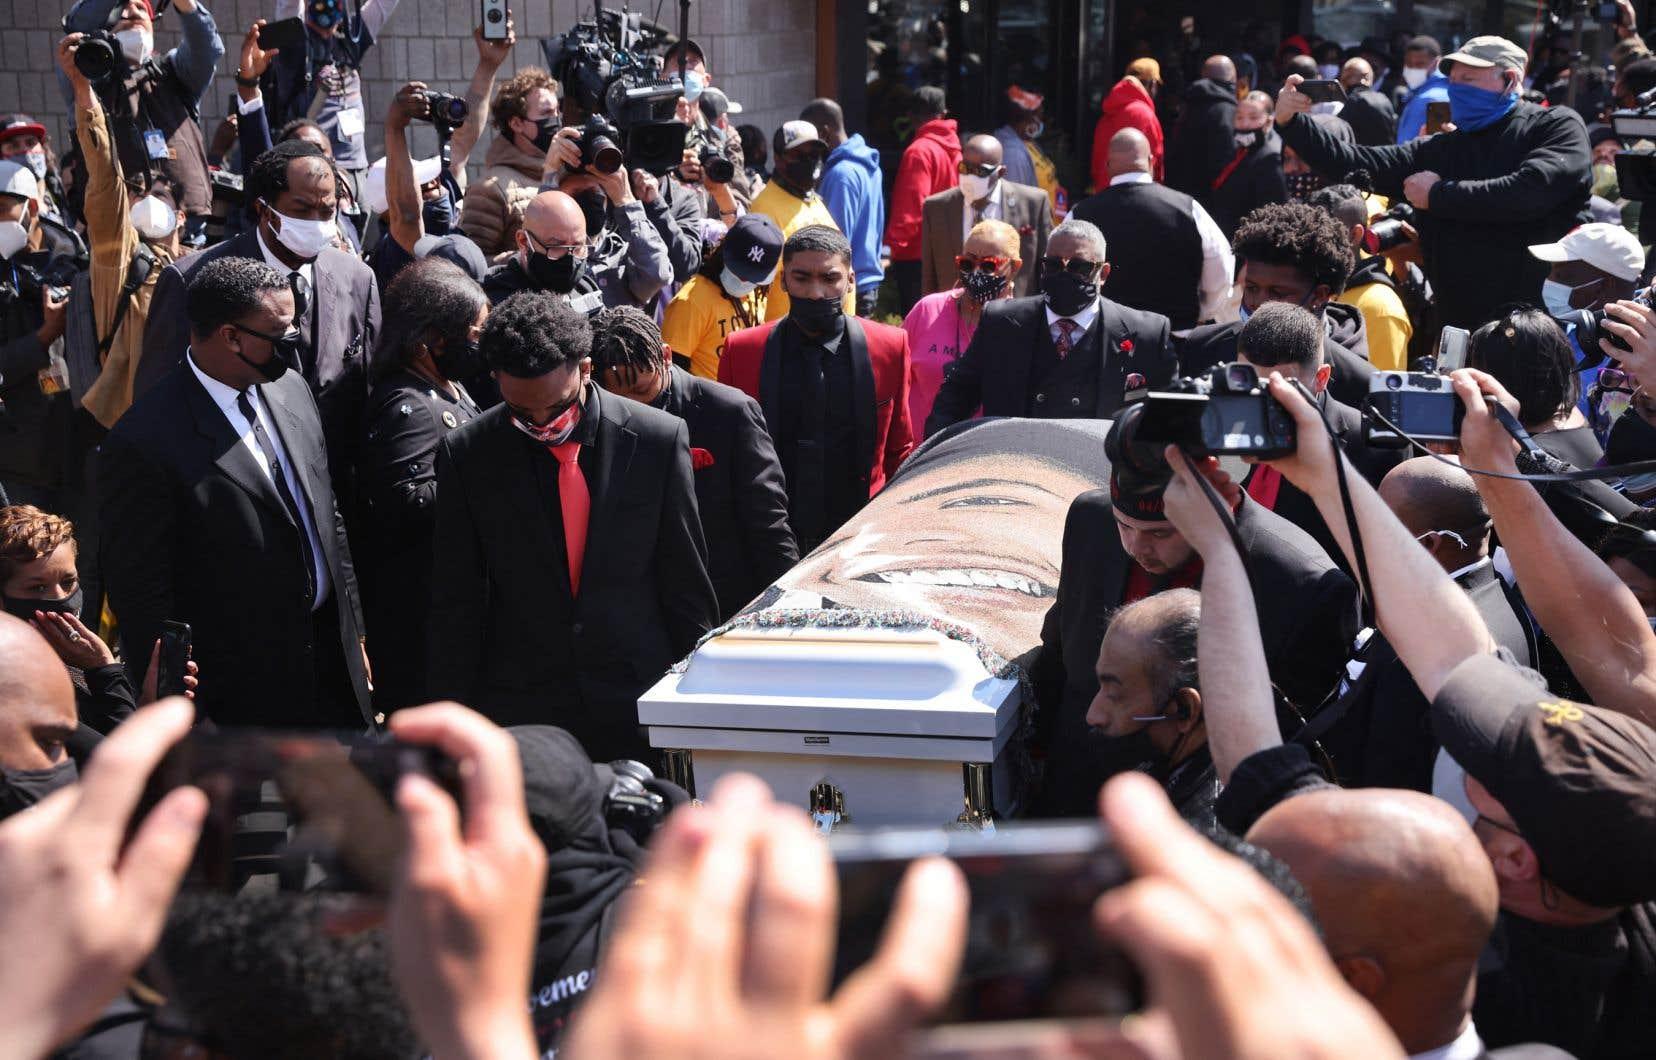 Après l'enterrement, Daunte Wright reposera au cimetière Lakewood.